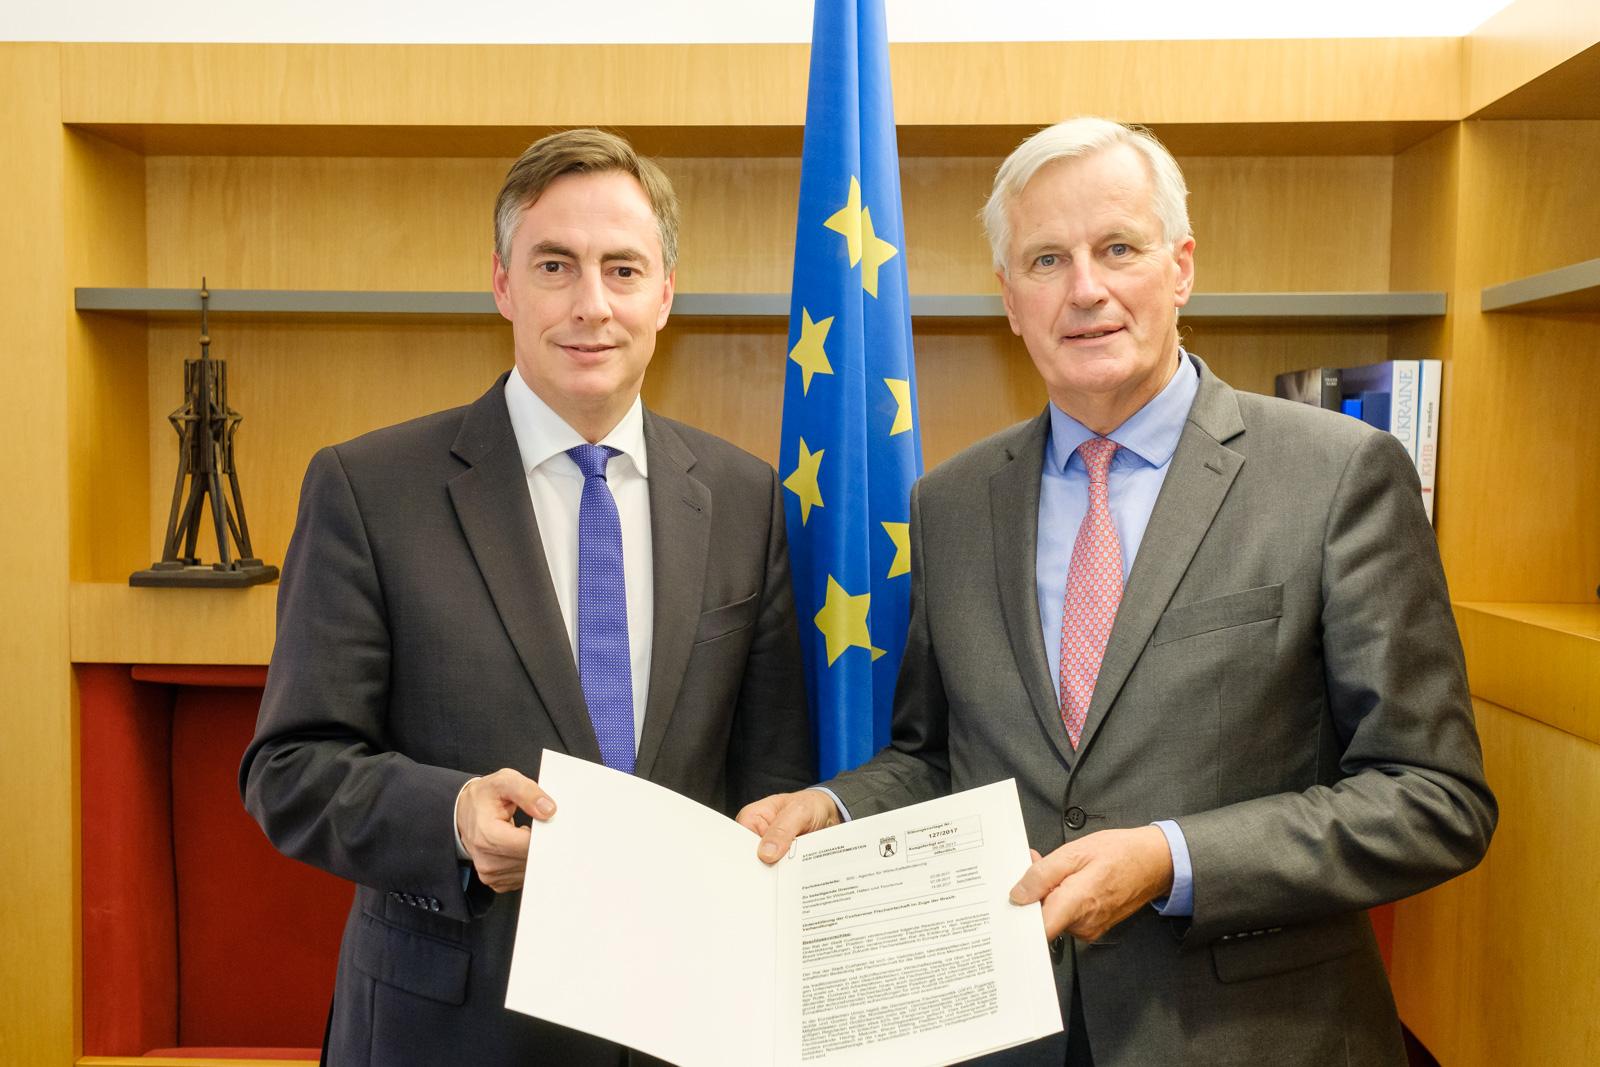 David McAllister überreicht Cuxhavener Resolution zur Fischereipolitik an EU Brexit-Verhandlungsführer Michel Barnier